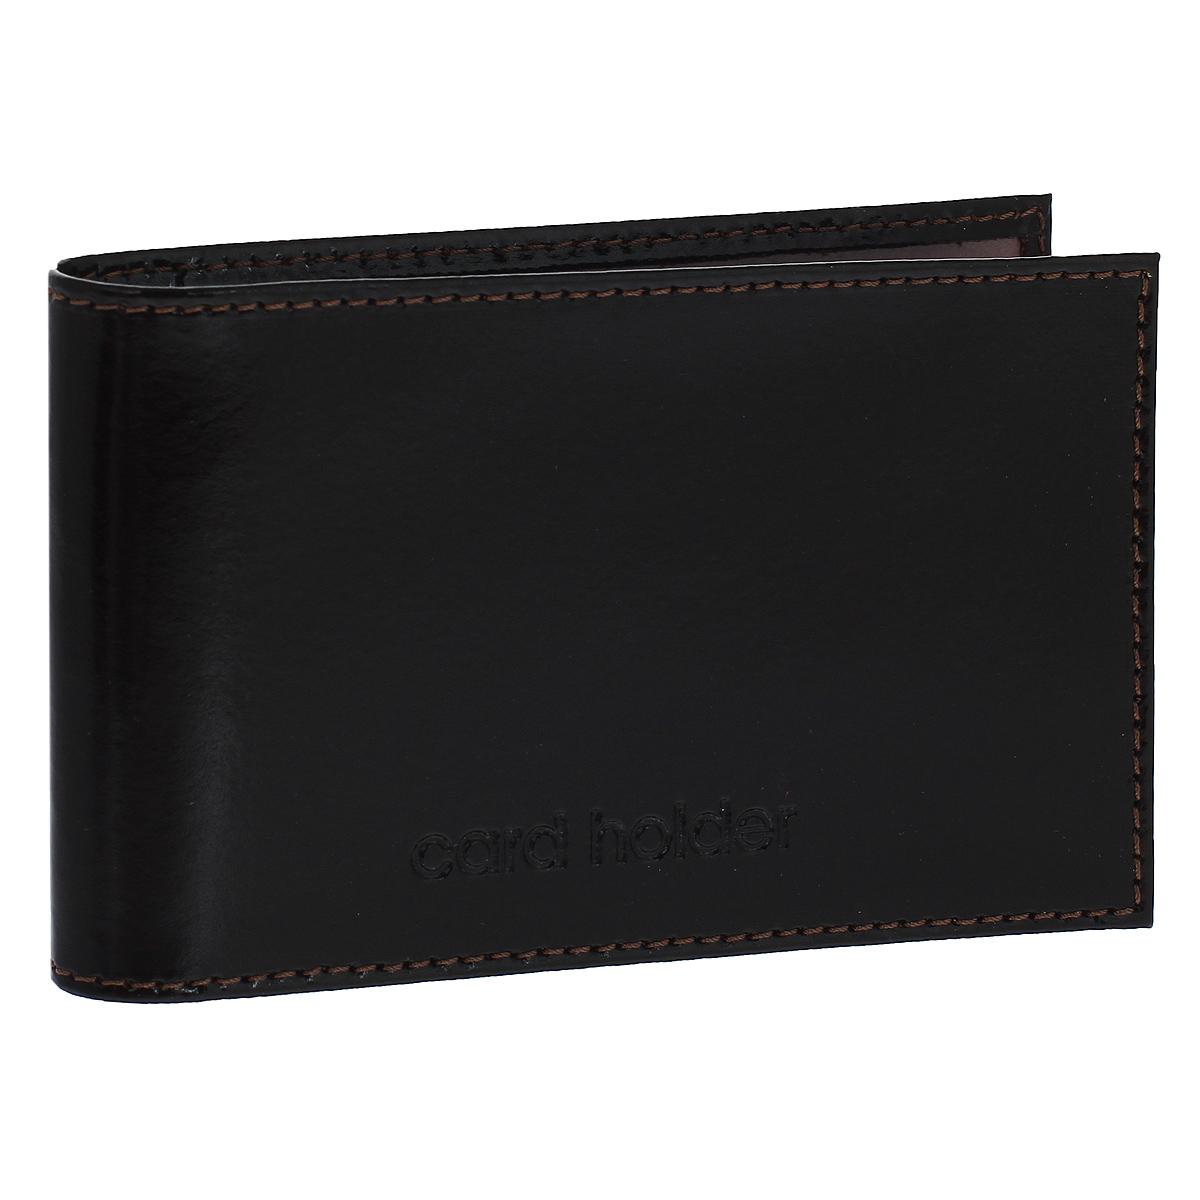 Кредитница горизонтальная Befler Classic, цвет: темно-коричневый. K.5.-1K.5.-1.brownКомпактная горизонтальная кредитница Befler Classic  - стильная вещь для хранения визиток. Обложка кредитницы выполнена из натуральной кожи и оформлена декоративным тиснением Card Holder. На внутреннем развороте 2 кармана из прозрачного пластика. Внутренний блок состоит из 20 прозрачных кармашков, рассчитанных на 40 визитных или 20 кредитных карт.